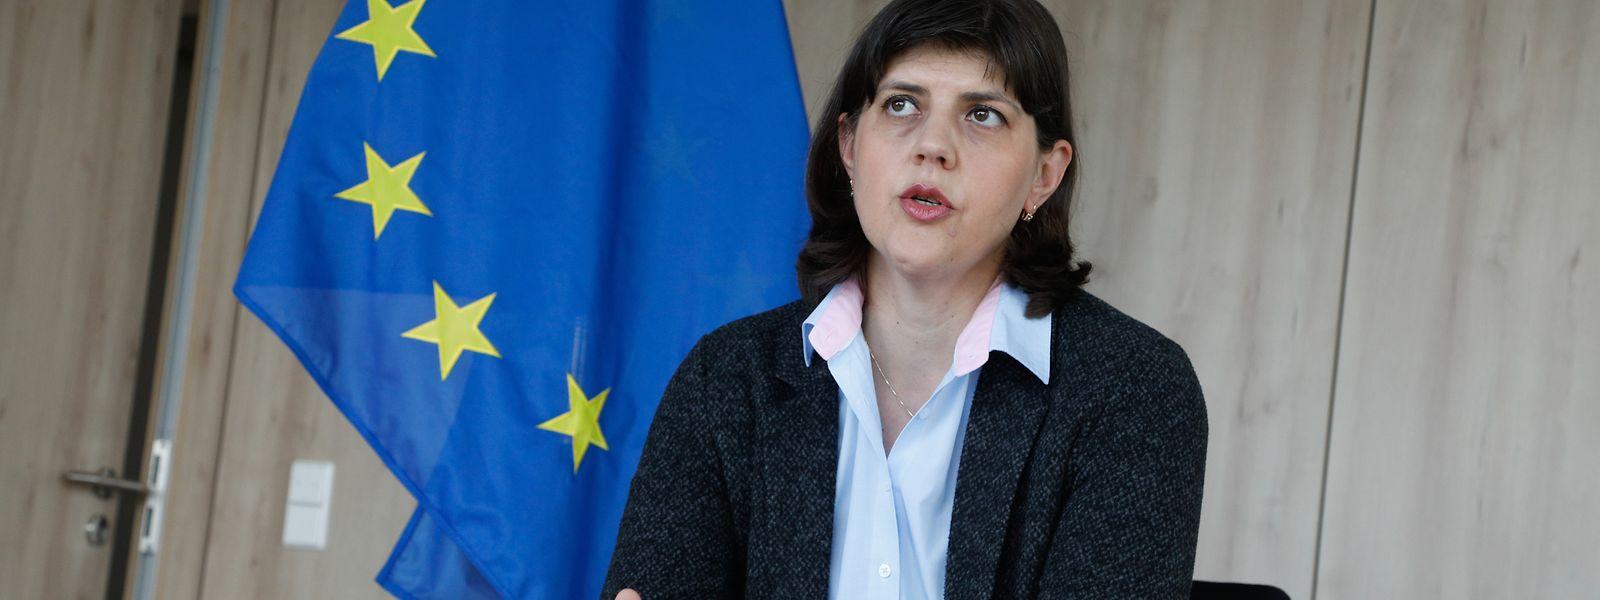 Die Rumänin Laura Codruta Kövesi wurde 2019 an die Spitze der Europäischen Staatsanwaltschaft berufen. Seither arbeitet sie am Aufbau der Behörde am Kirchberg.